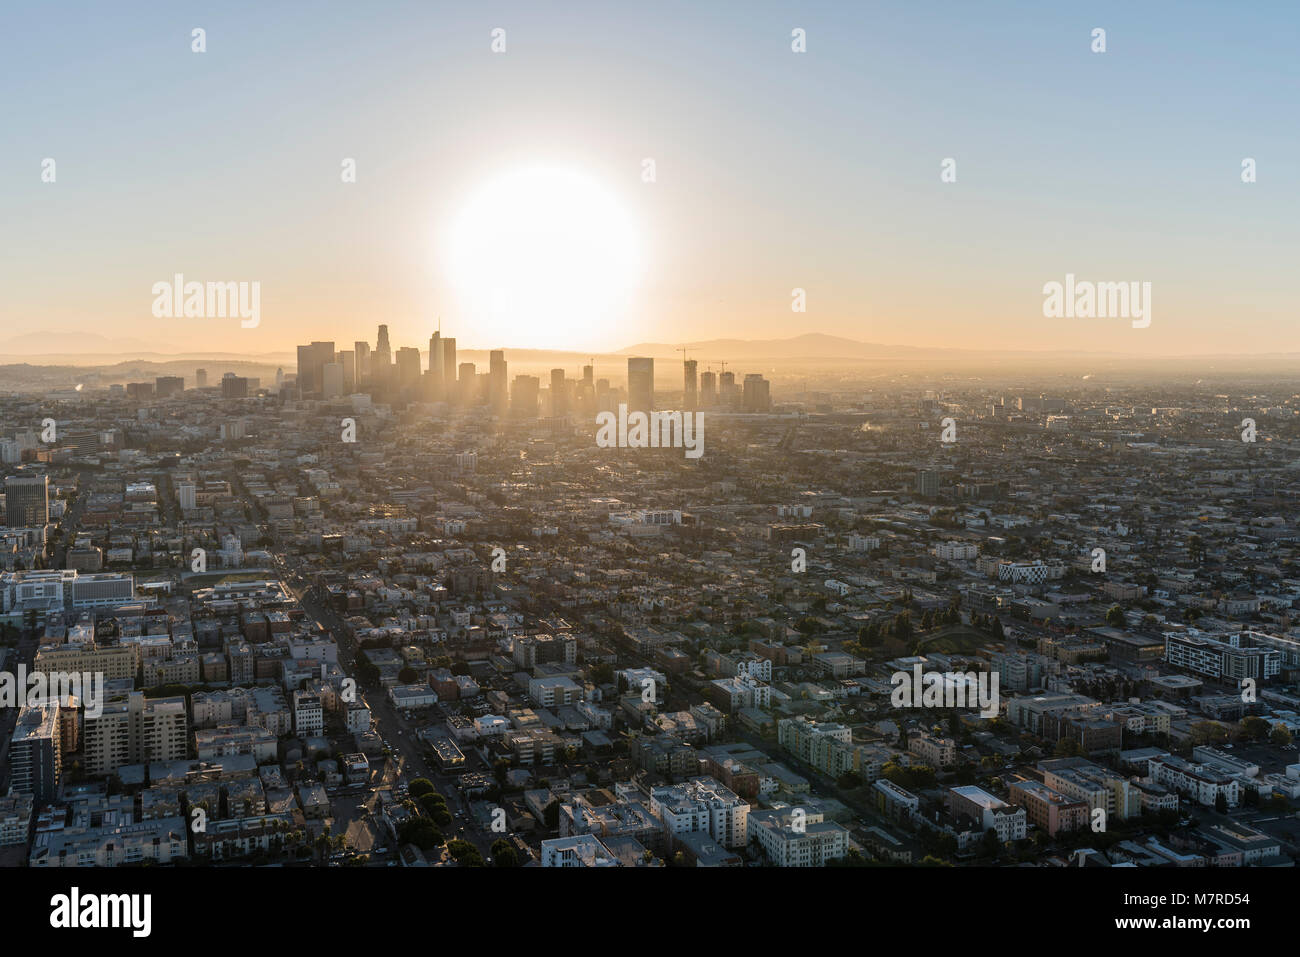 Luftaufnahme von Sonnenaufgang hinter Straßen und Gebäude im städtischen Kern von Los Angeles, Kalifornien. Stockbild